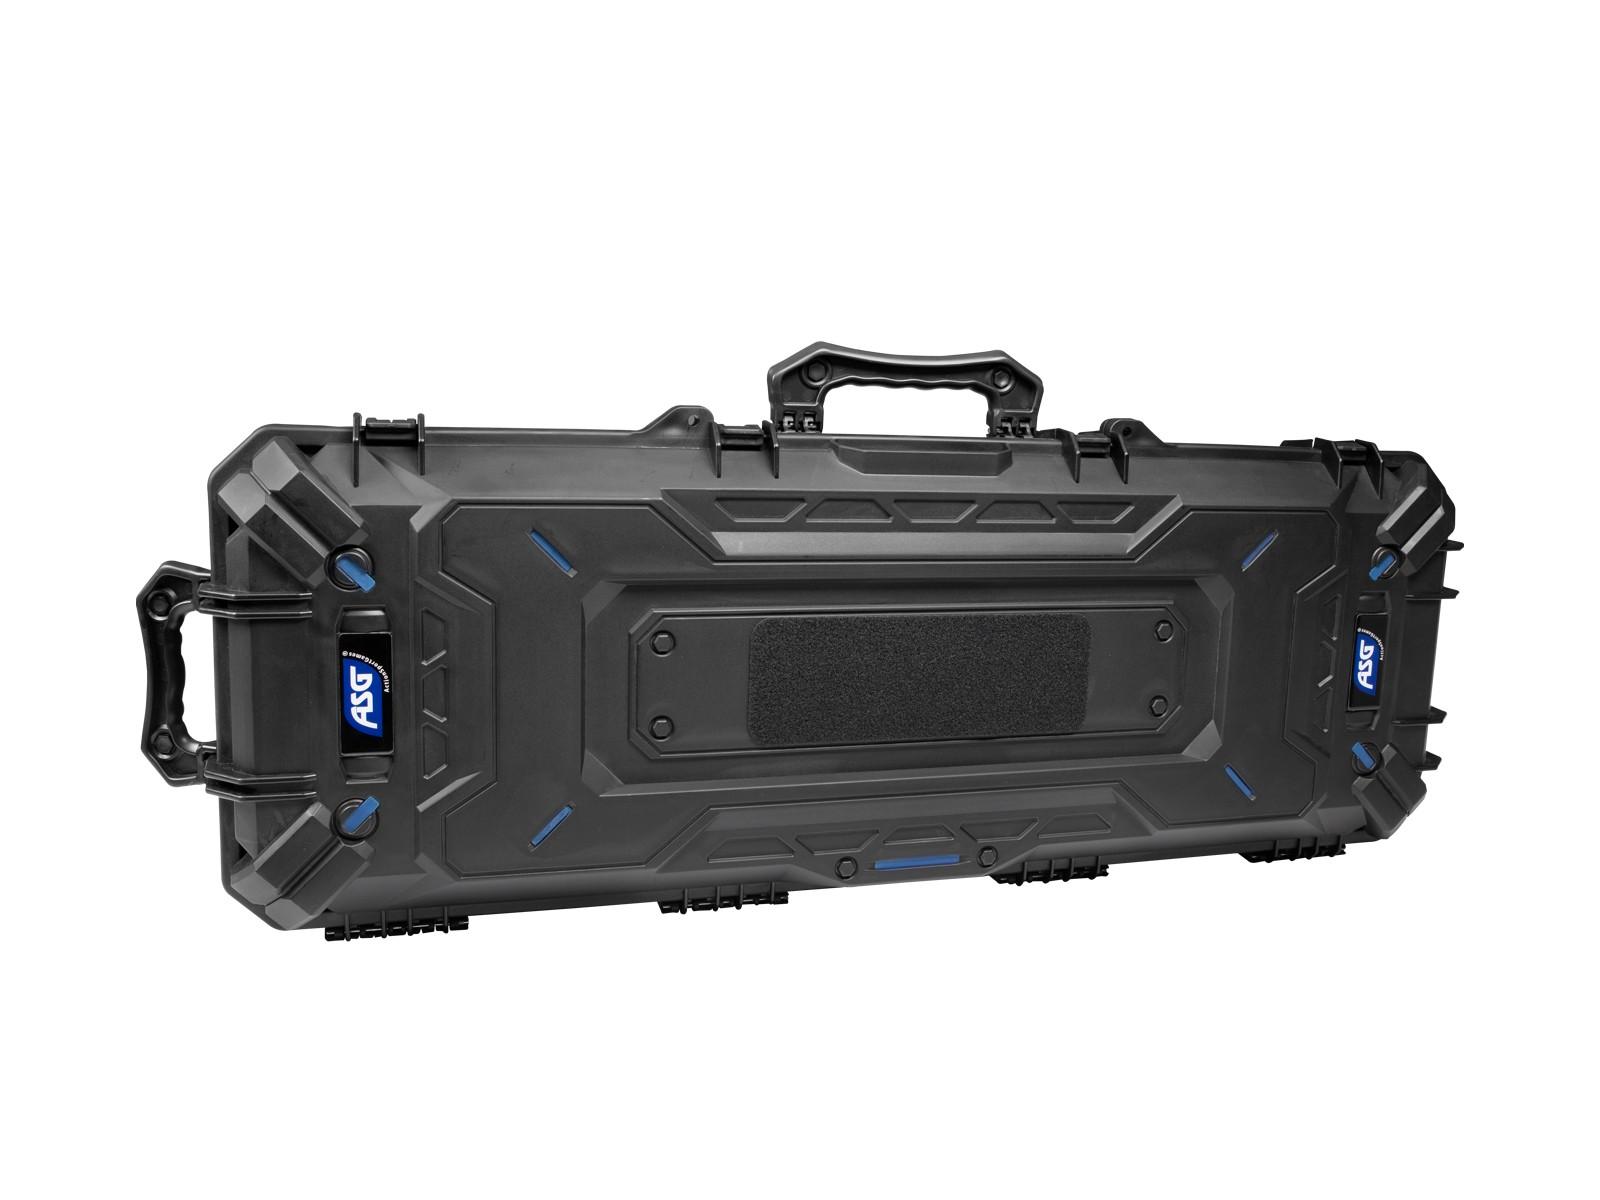 ASG - Malette de transport étanche 106cm -  mousse prédécoupée - Noire - ABS